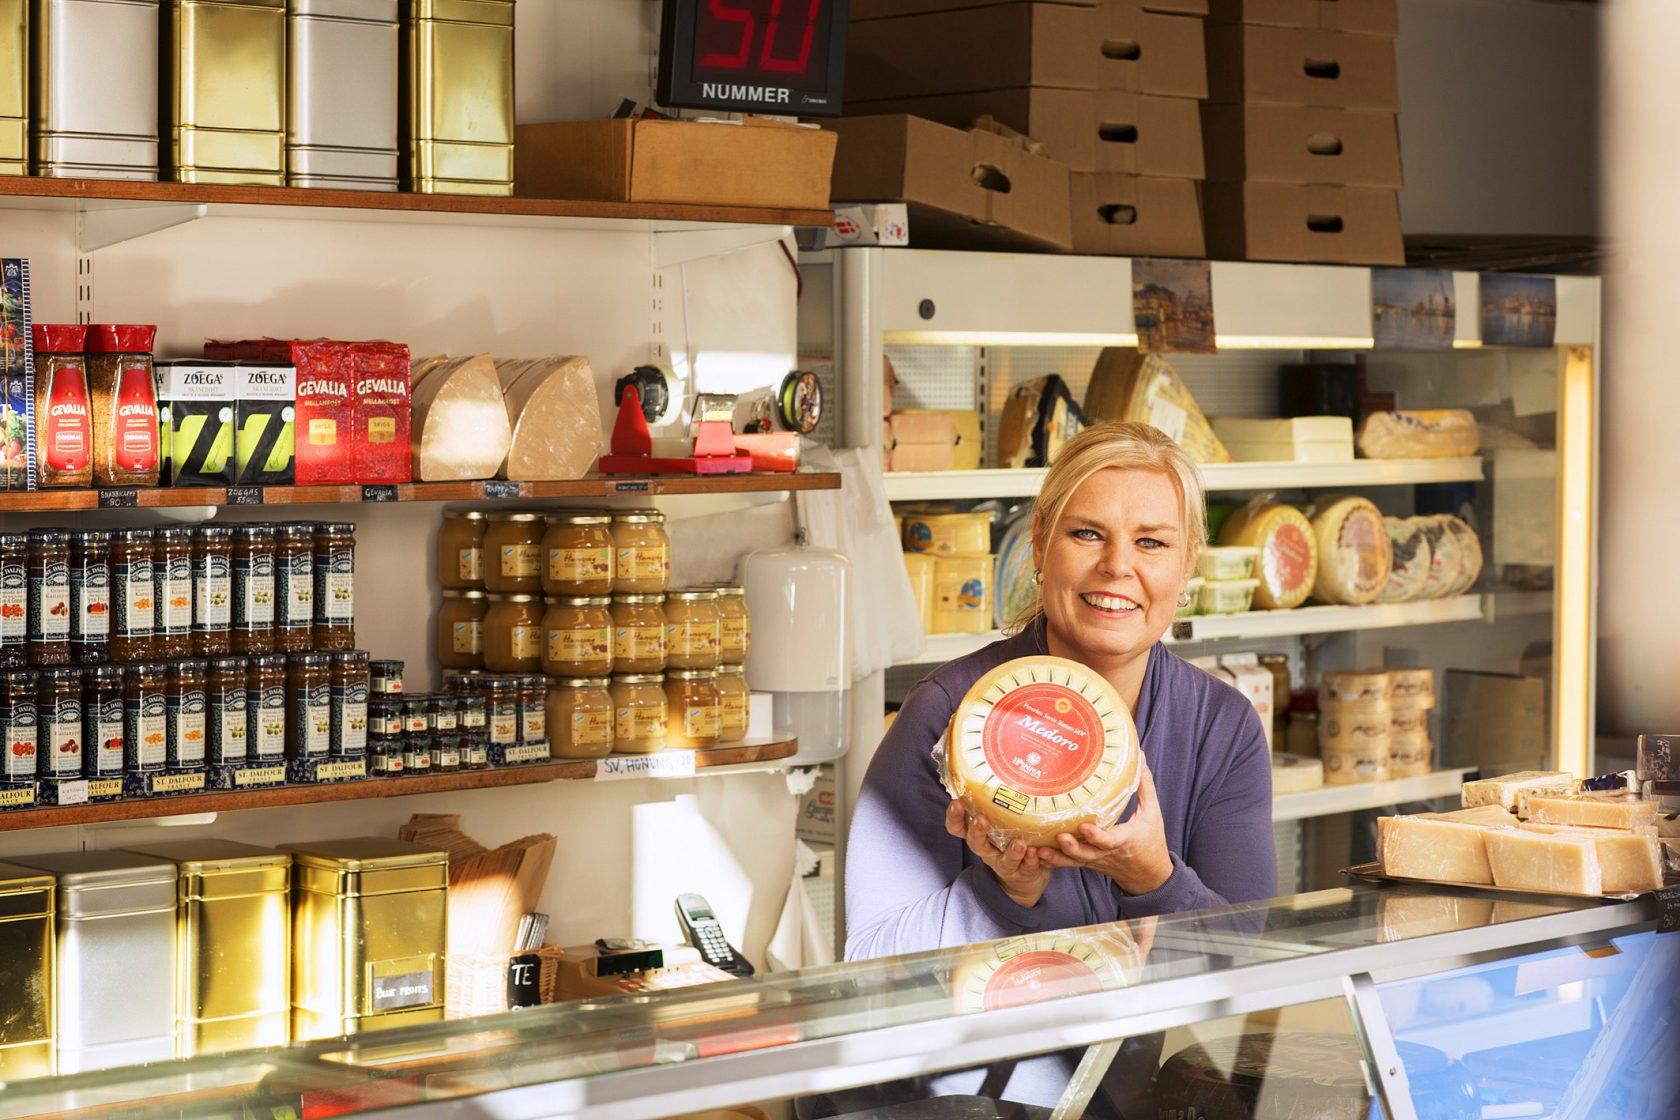 Kvinna bakom en disk står och håller upp en ost.